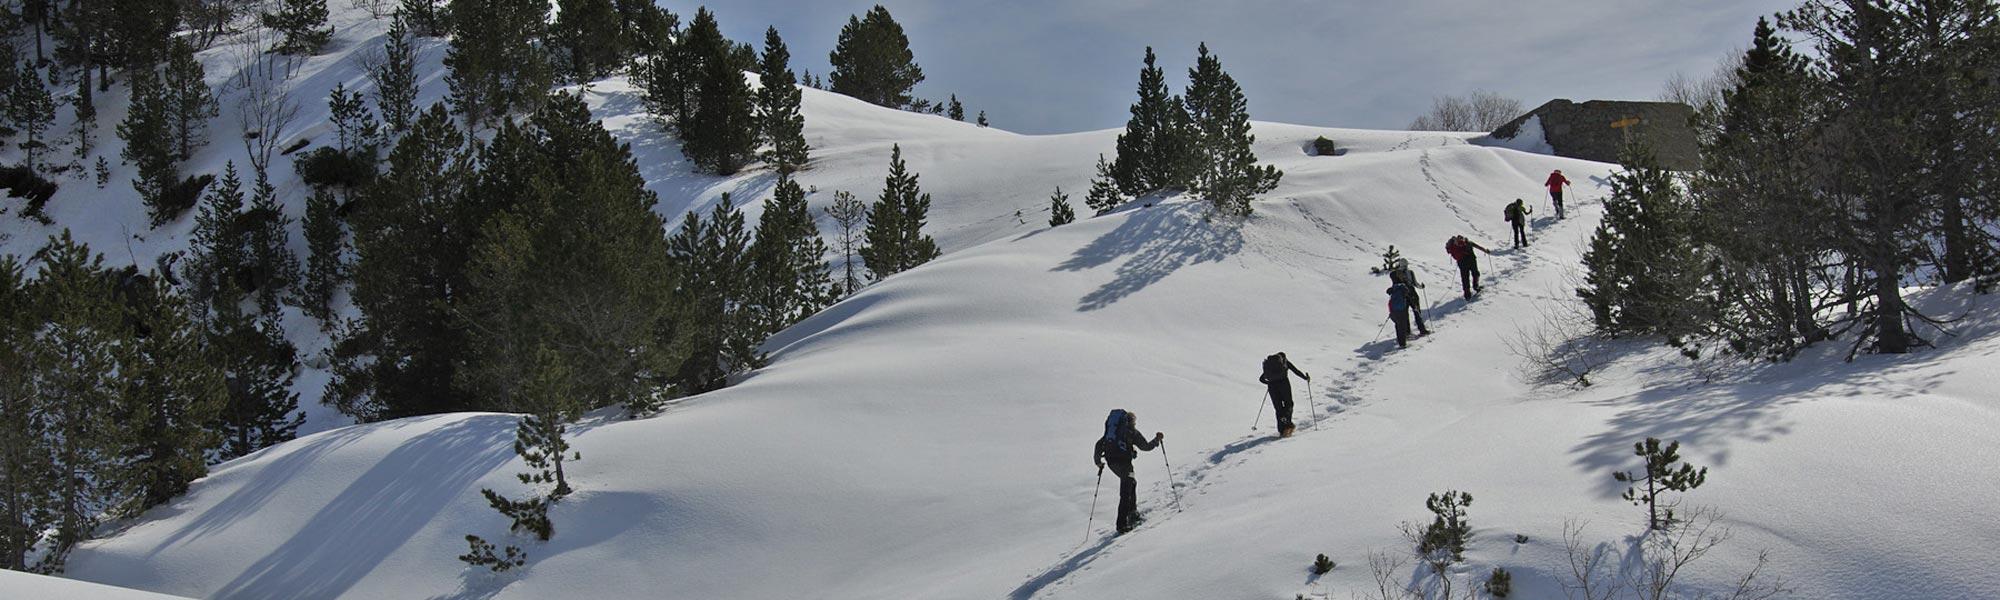 Séjour raquettes à neige dans les Encantats